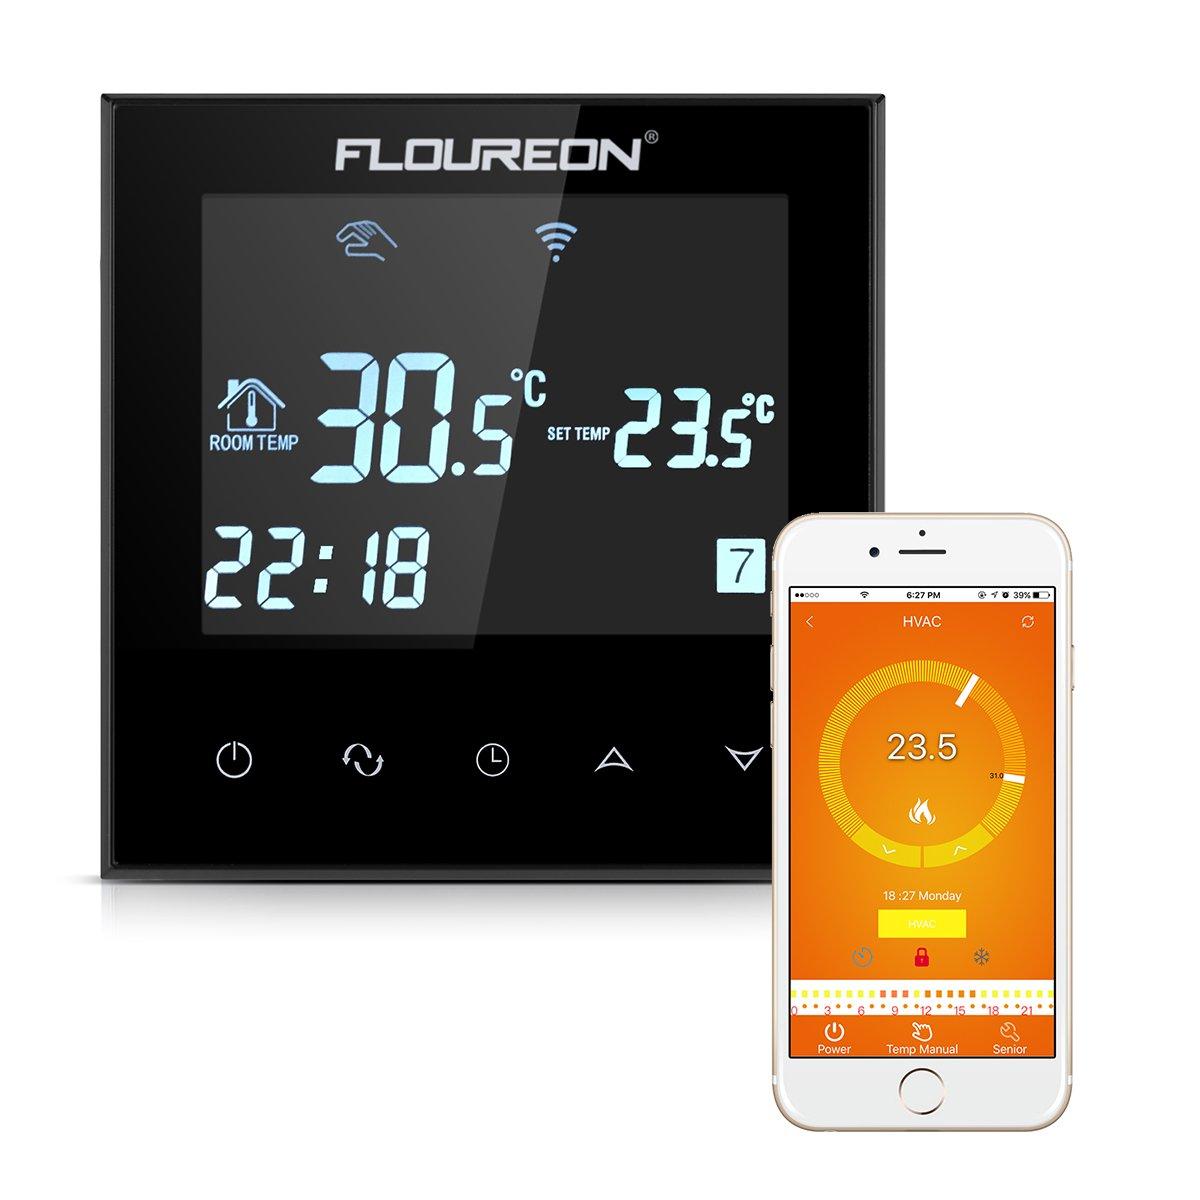 Floureon WIFI Thermostat THERMOSTAT Chauffage Thermostat numérique programmable à Smart réglage de chauffage Thermostat radiateur avec écran LCD tactile pour chauffage au sol électrique